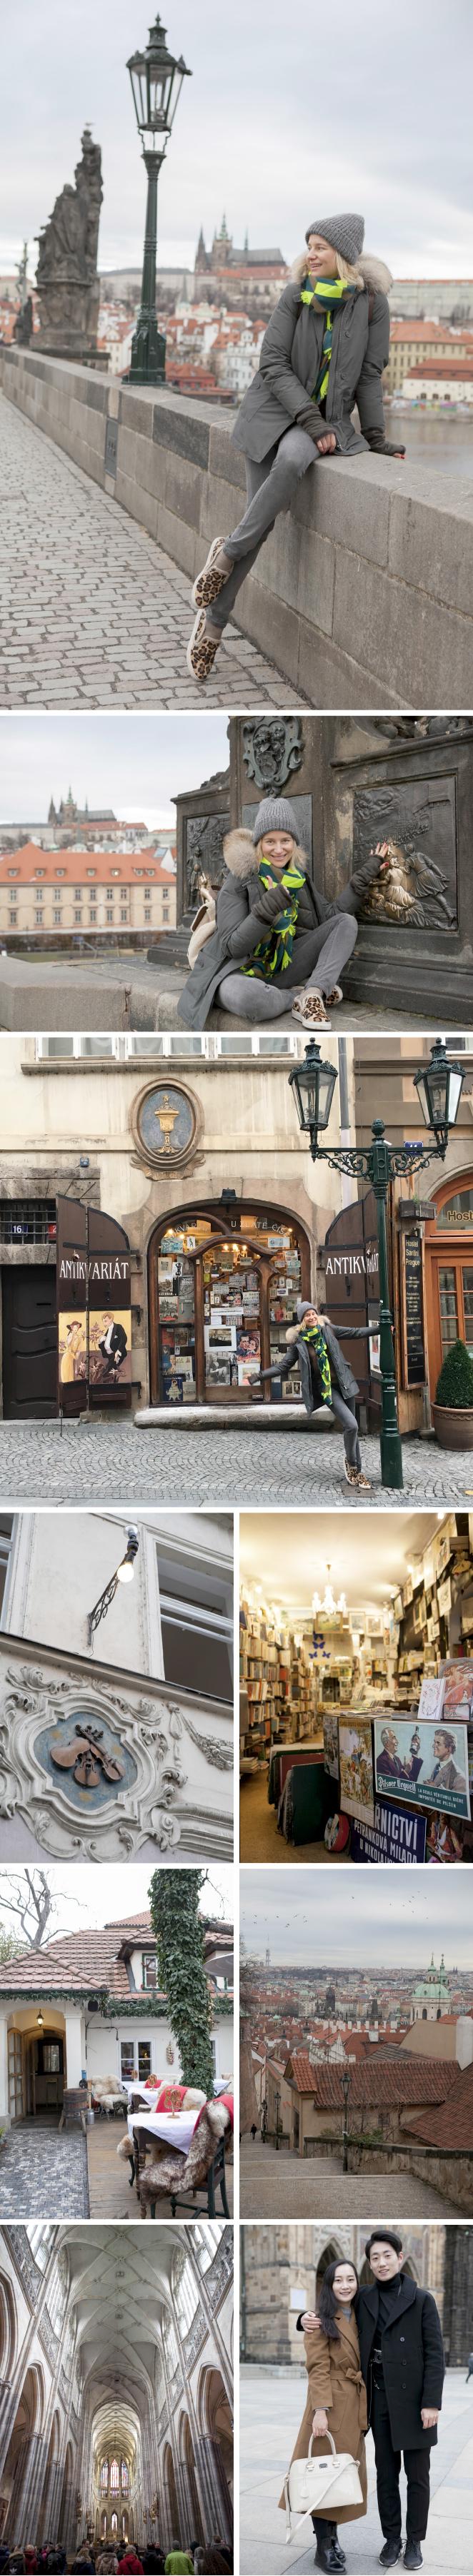 Barrio de Malastrana y el Castillo, Praga